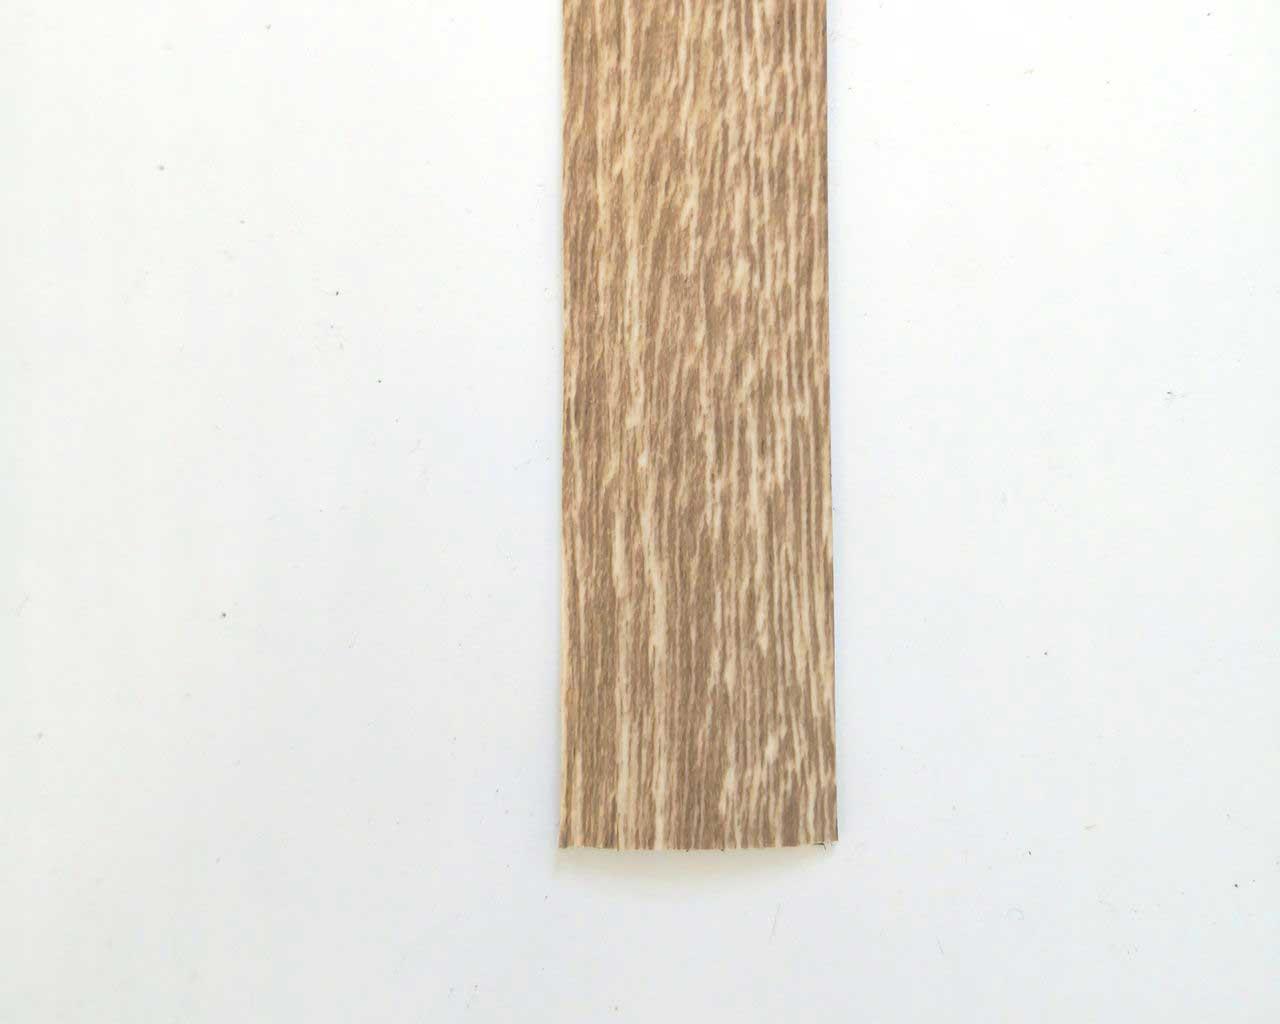 Ukončovací lišta nájezd samolepící, 14 mm, 2,7 m, dekor podlahy DEK